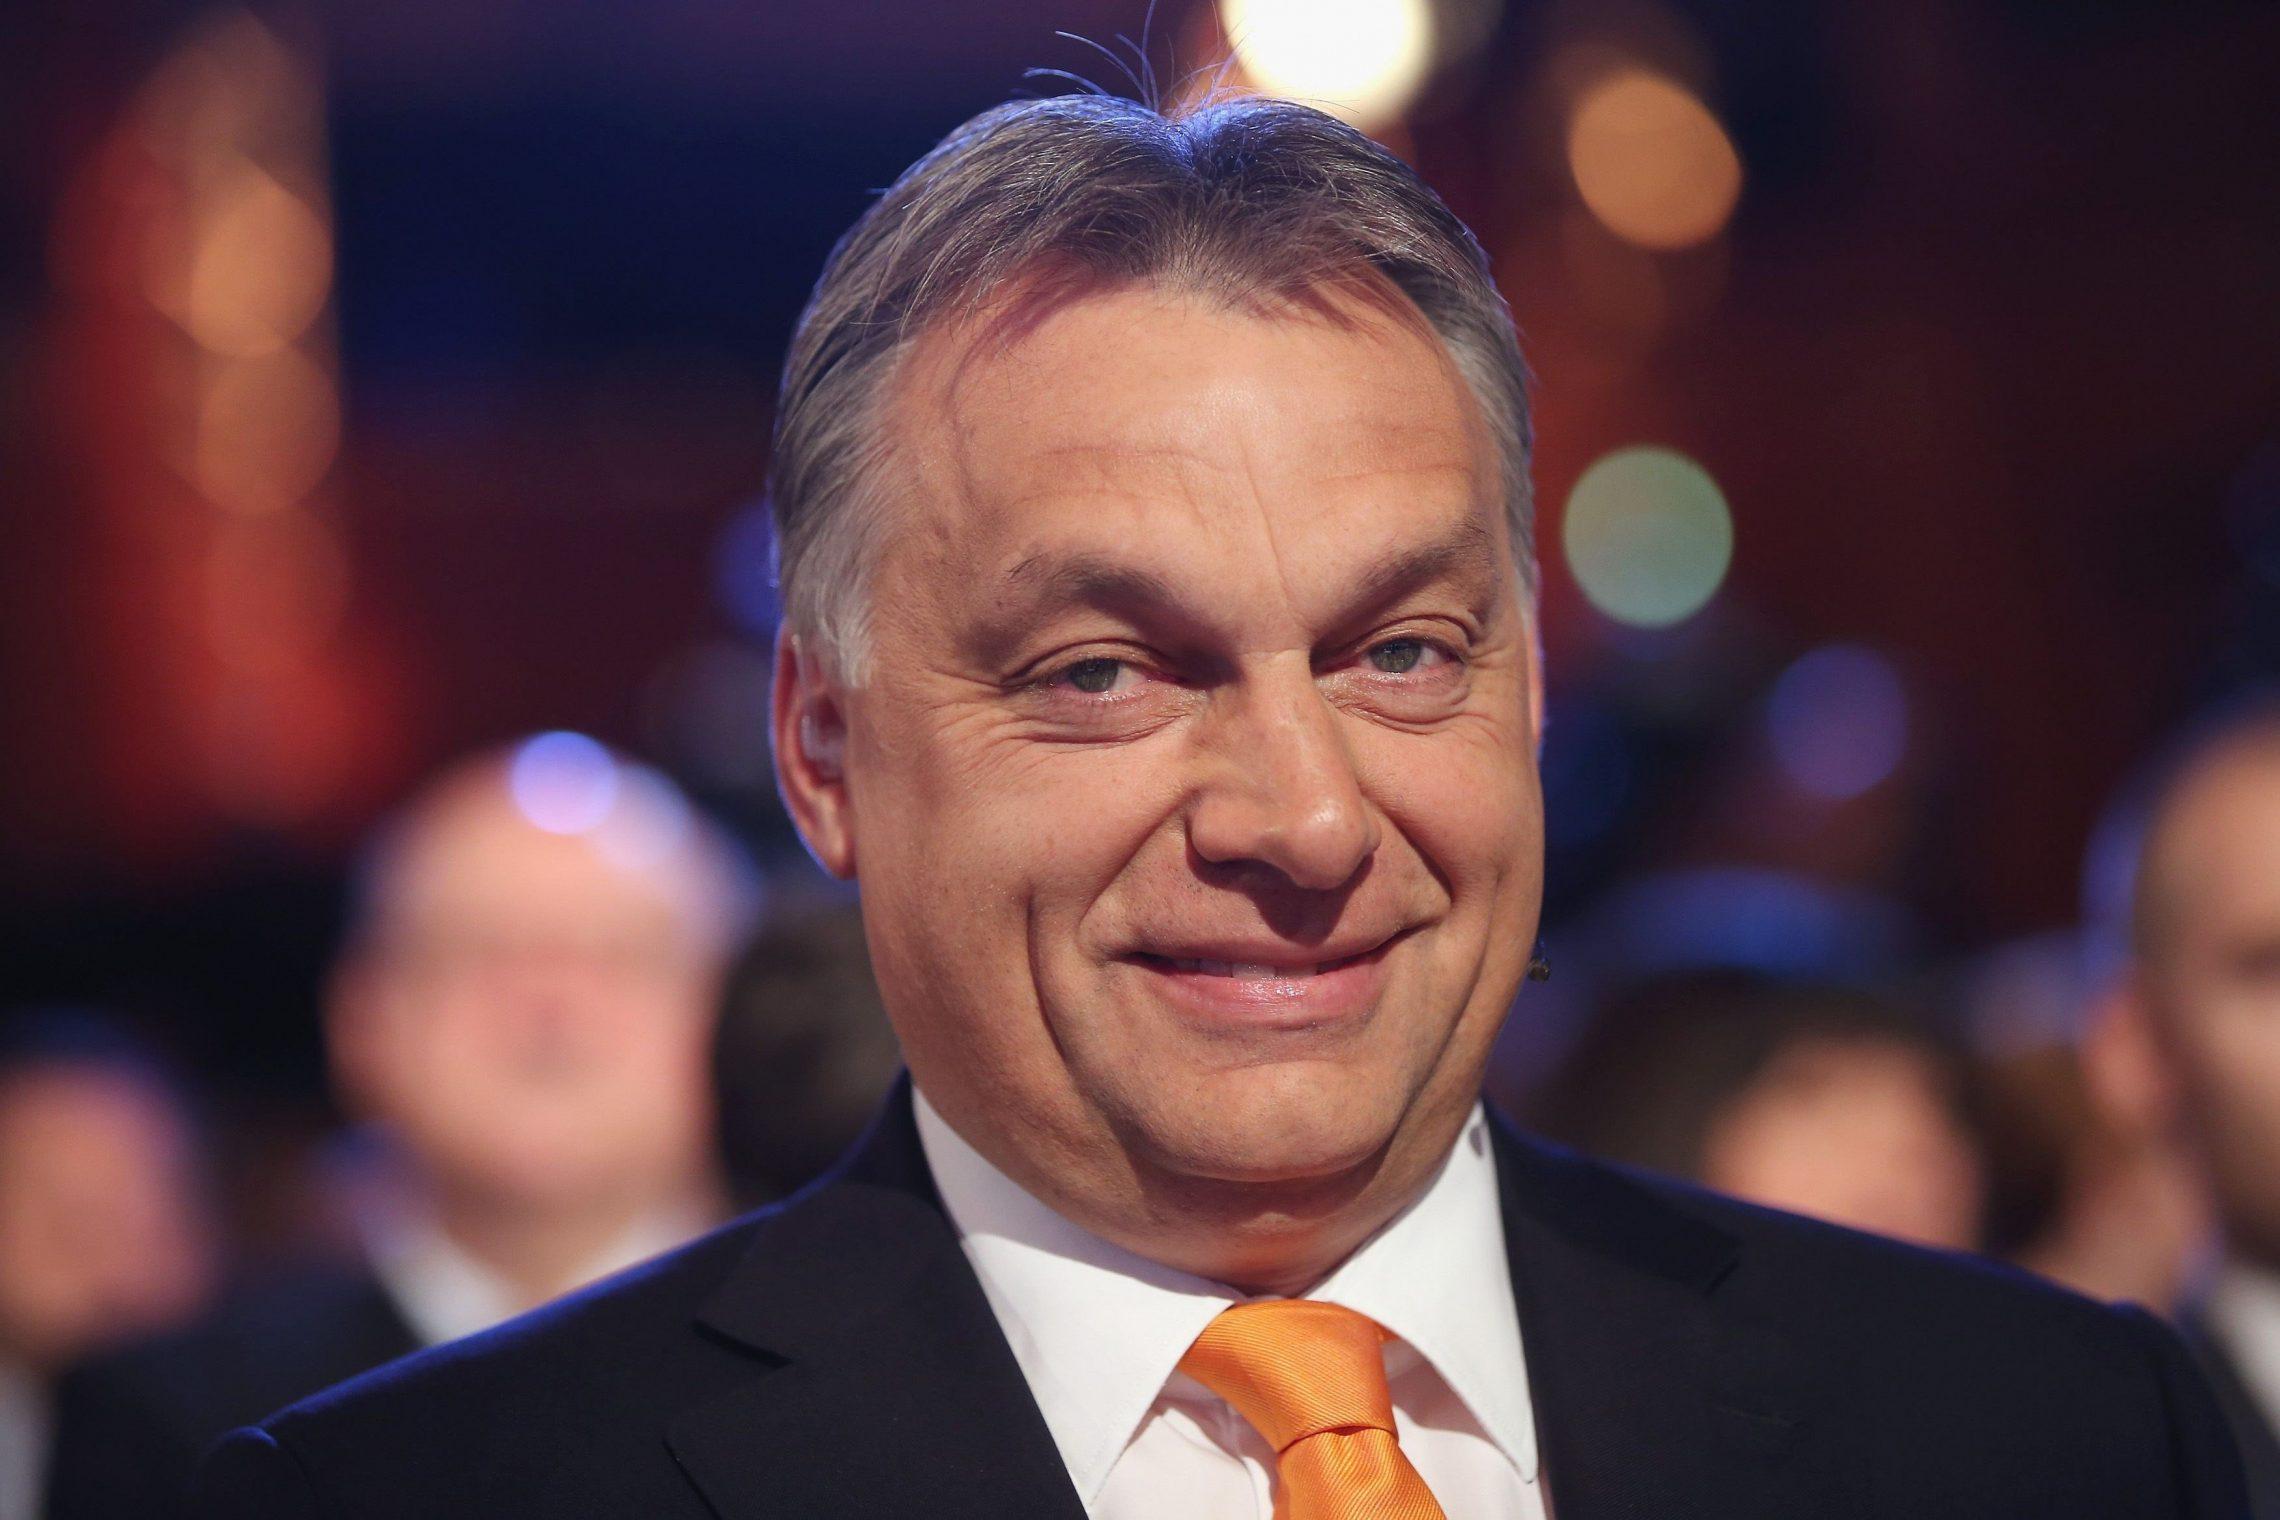 Еволюция на идеите през биографията на един политик – Виктор Орбан